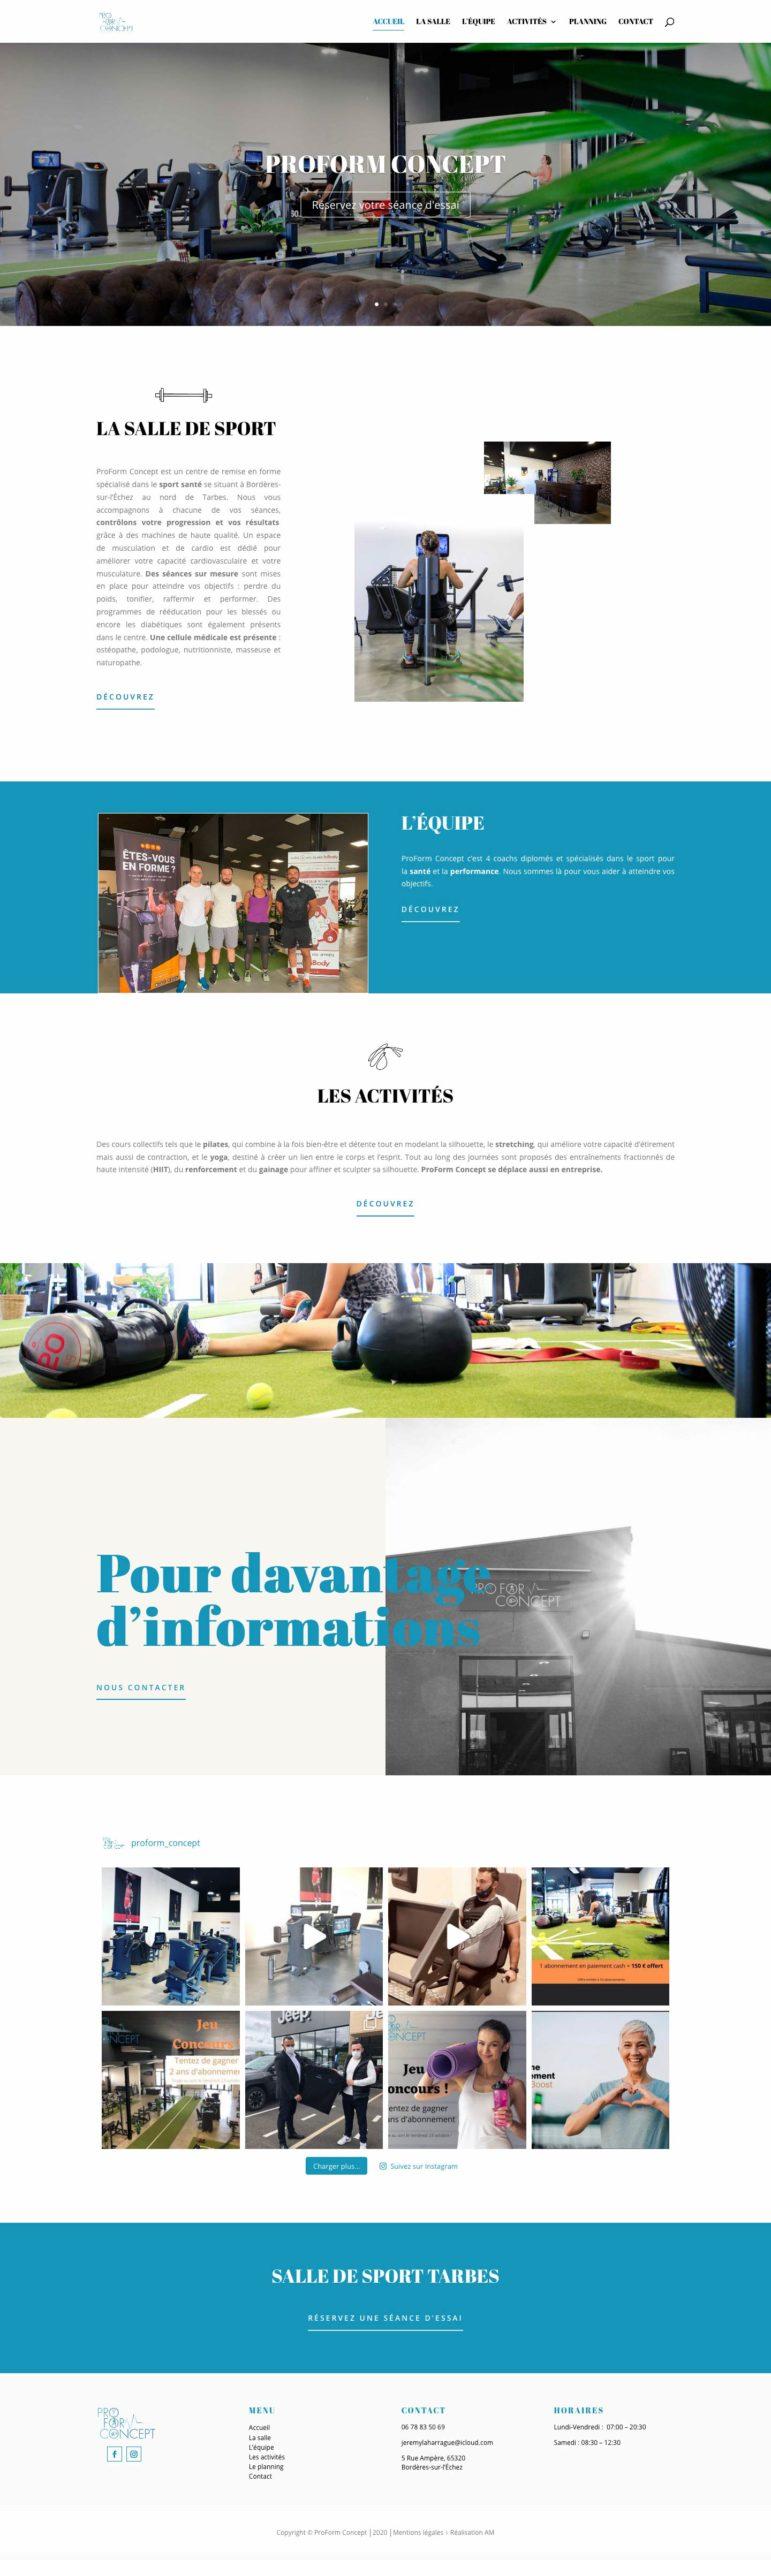 Page d'accueil du site internet de la salle de sport ProForm Concept au nord de Tarbes.